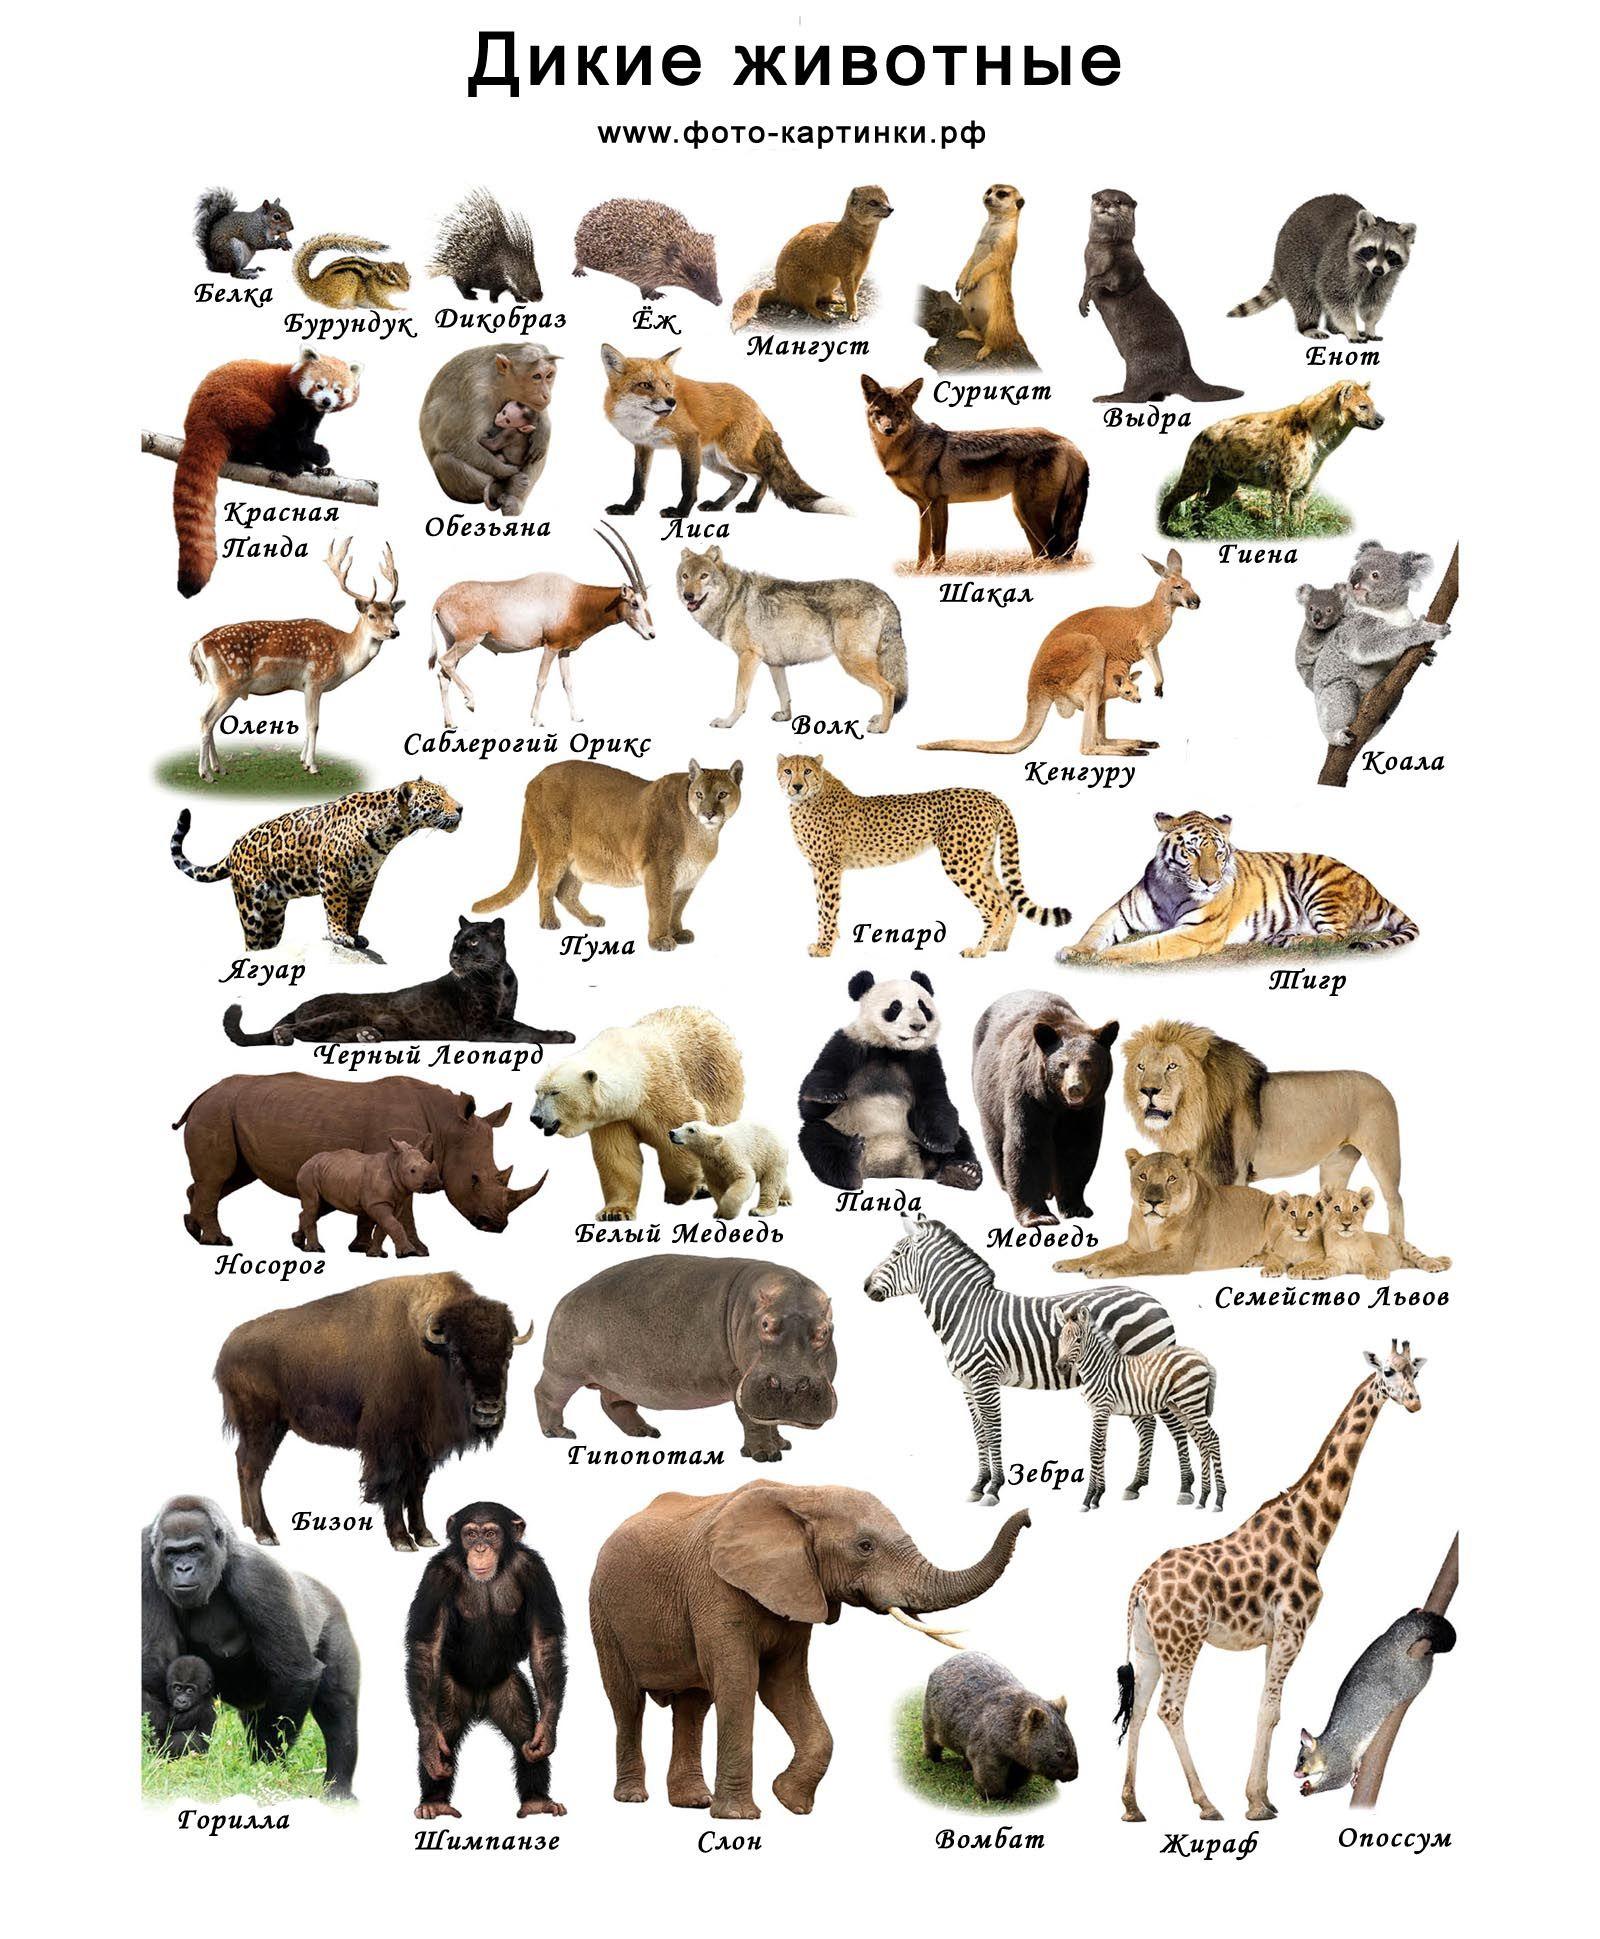 Картинки дикие животные для детей Дикие животные, Животные